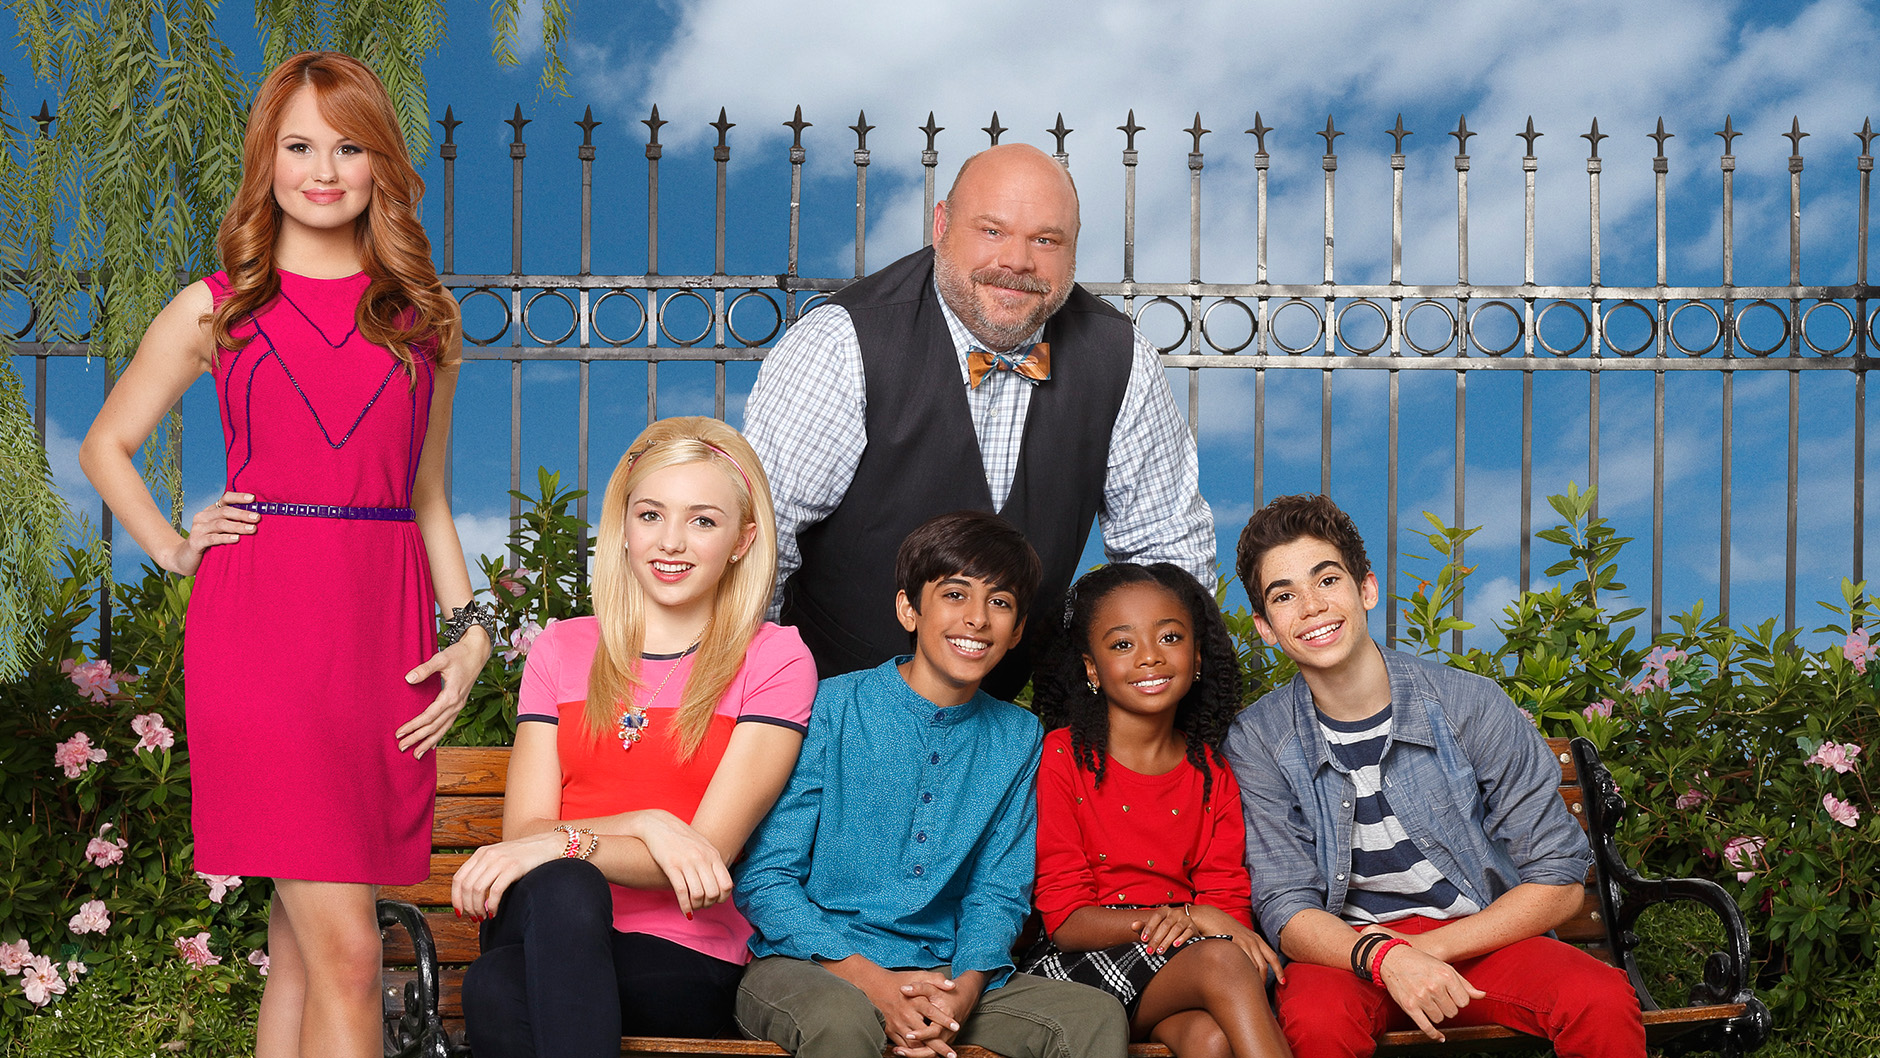 Jessie Disney Channel UK Disney UK 1880x1058